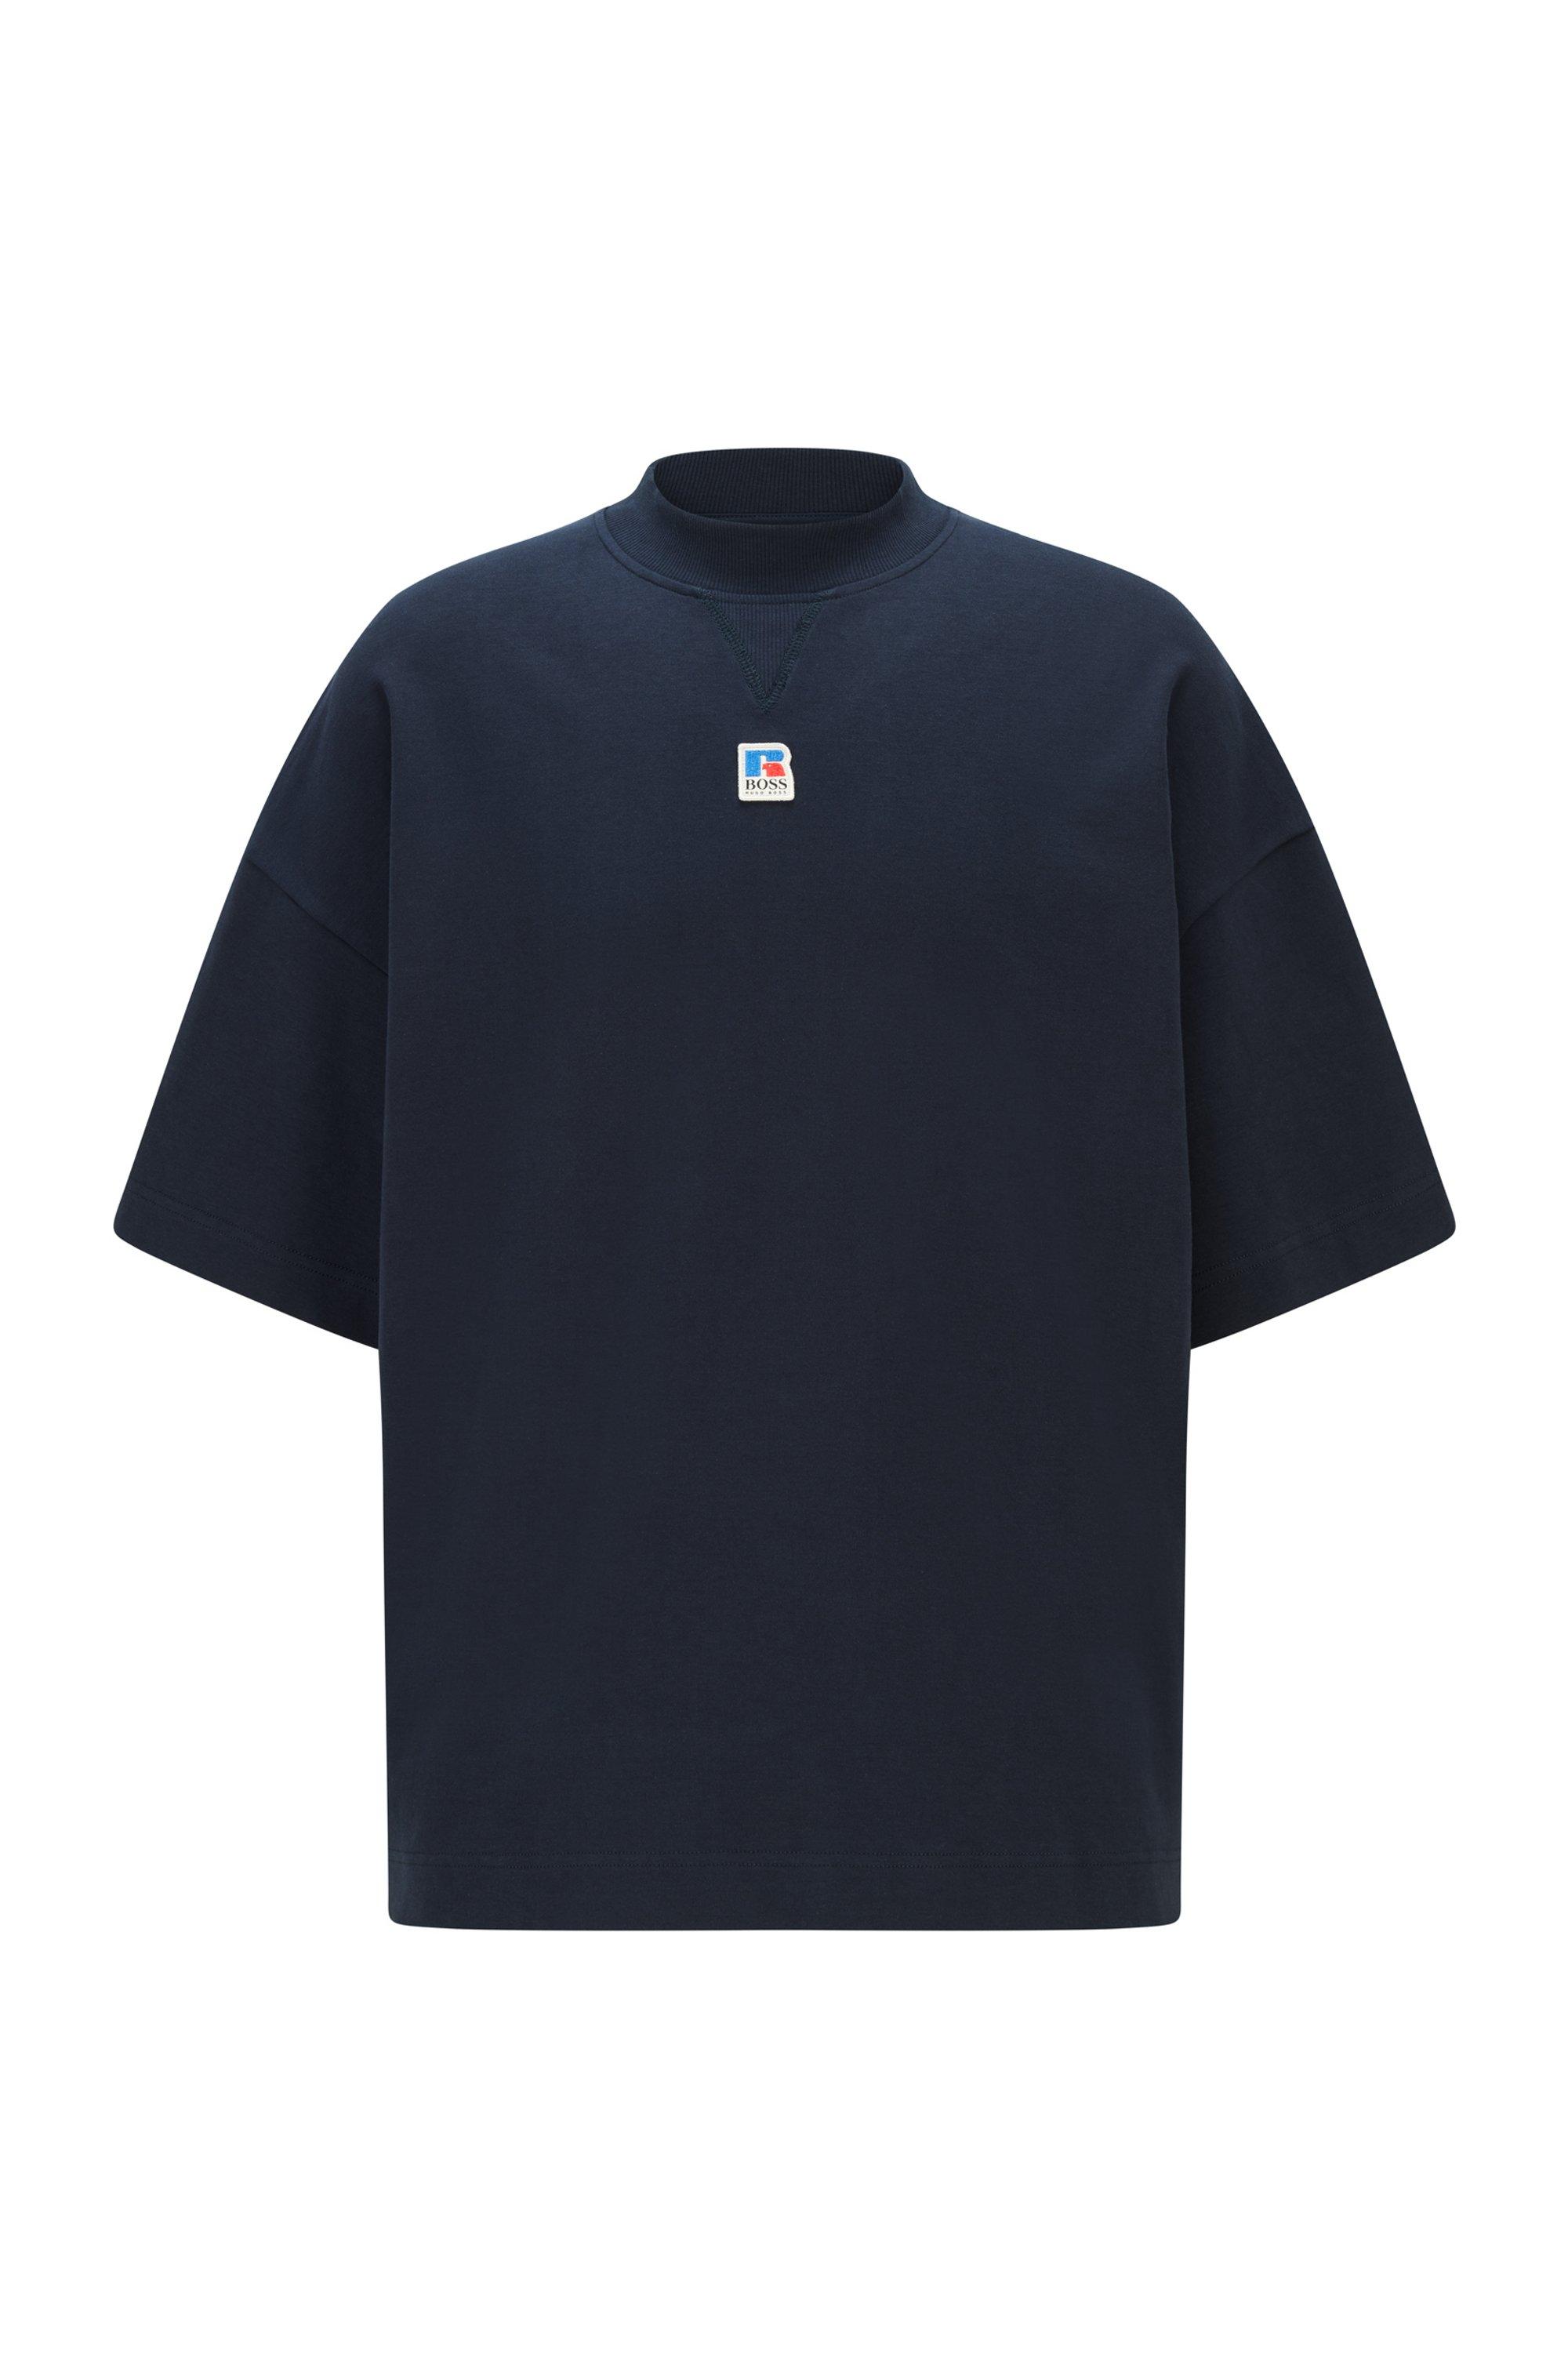 T-shirt mixte Relaxed Fit en coton biologique avec logo exclusif, Bleu foncé